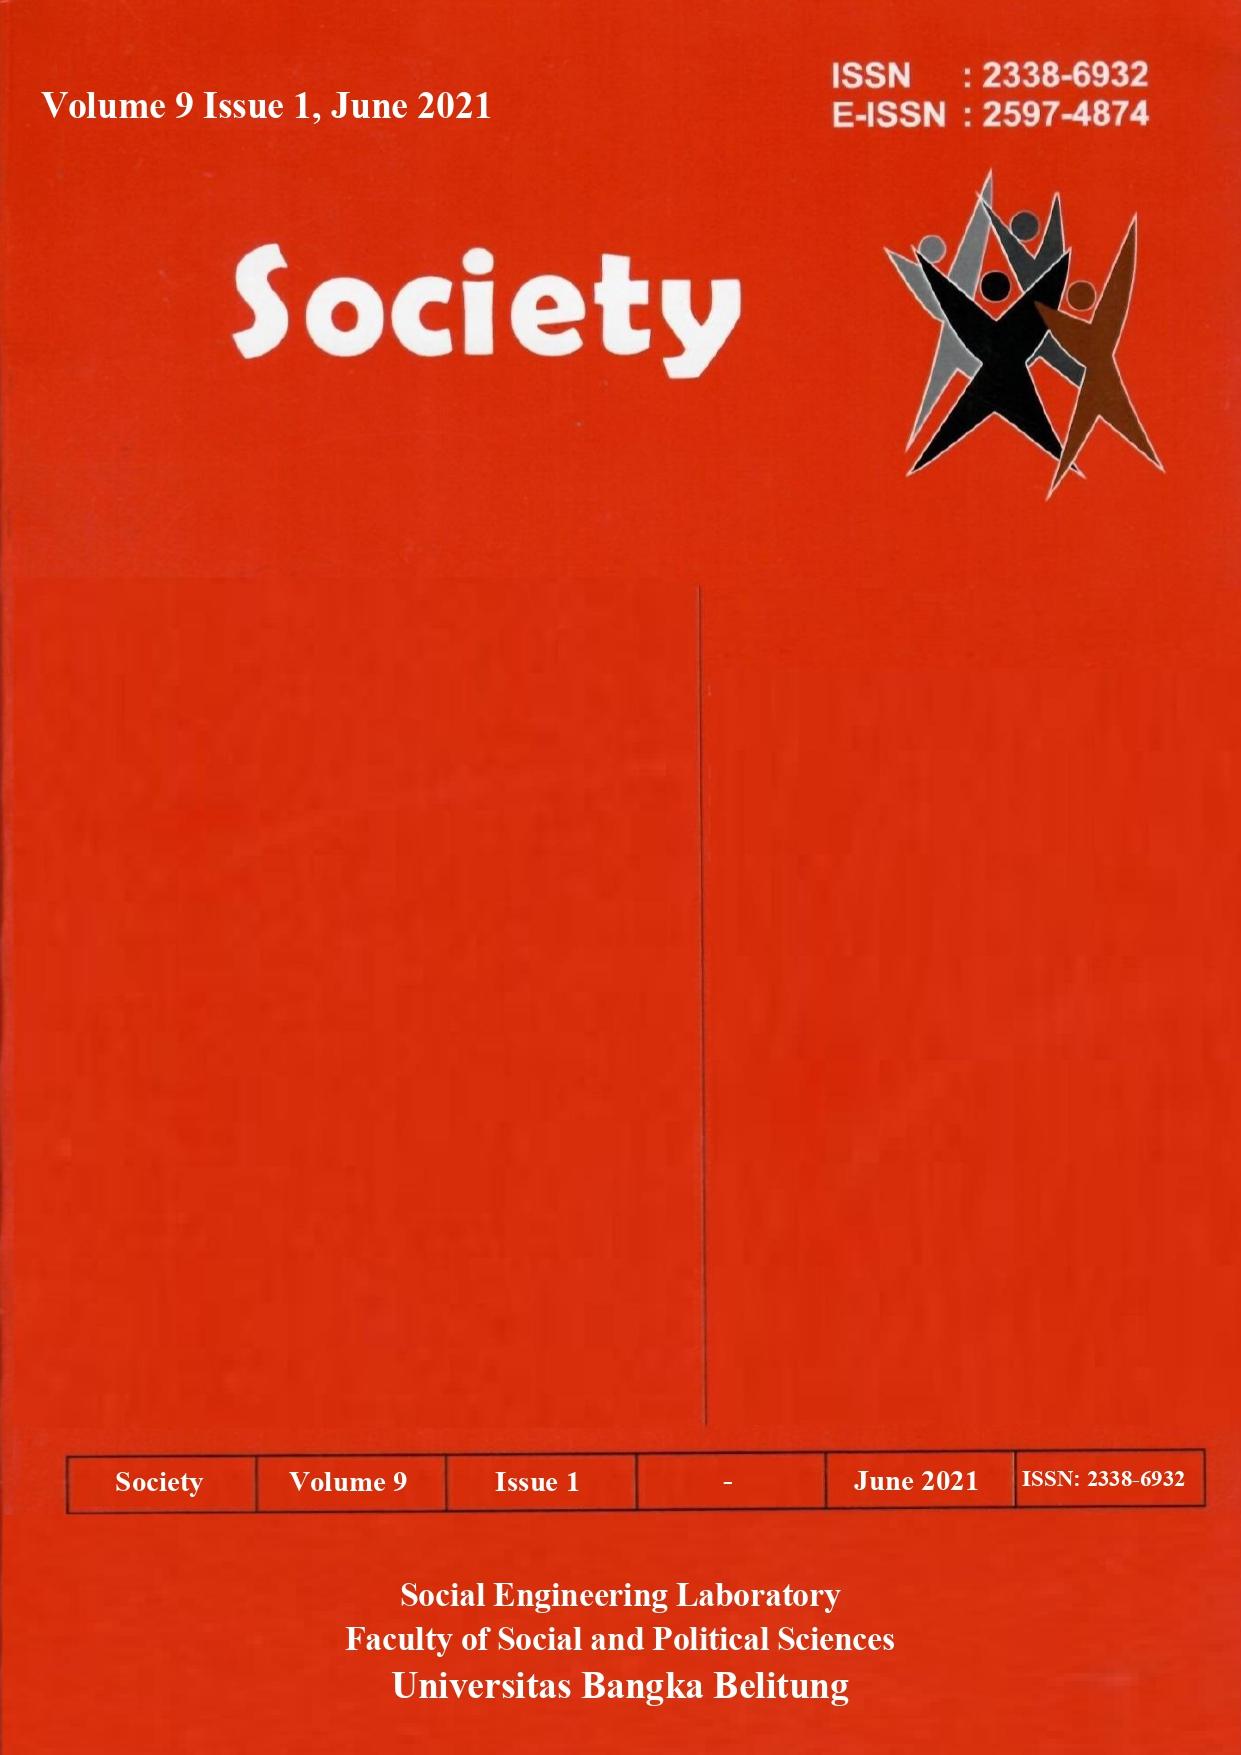 Society Volume 9 Issue 1#2021